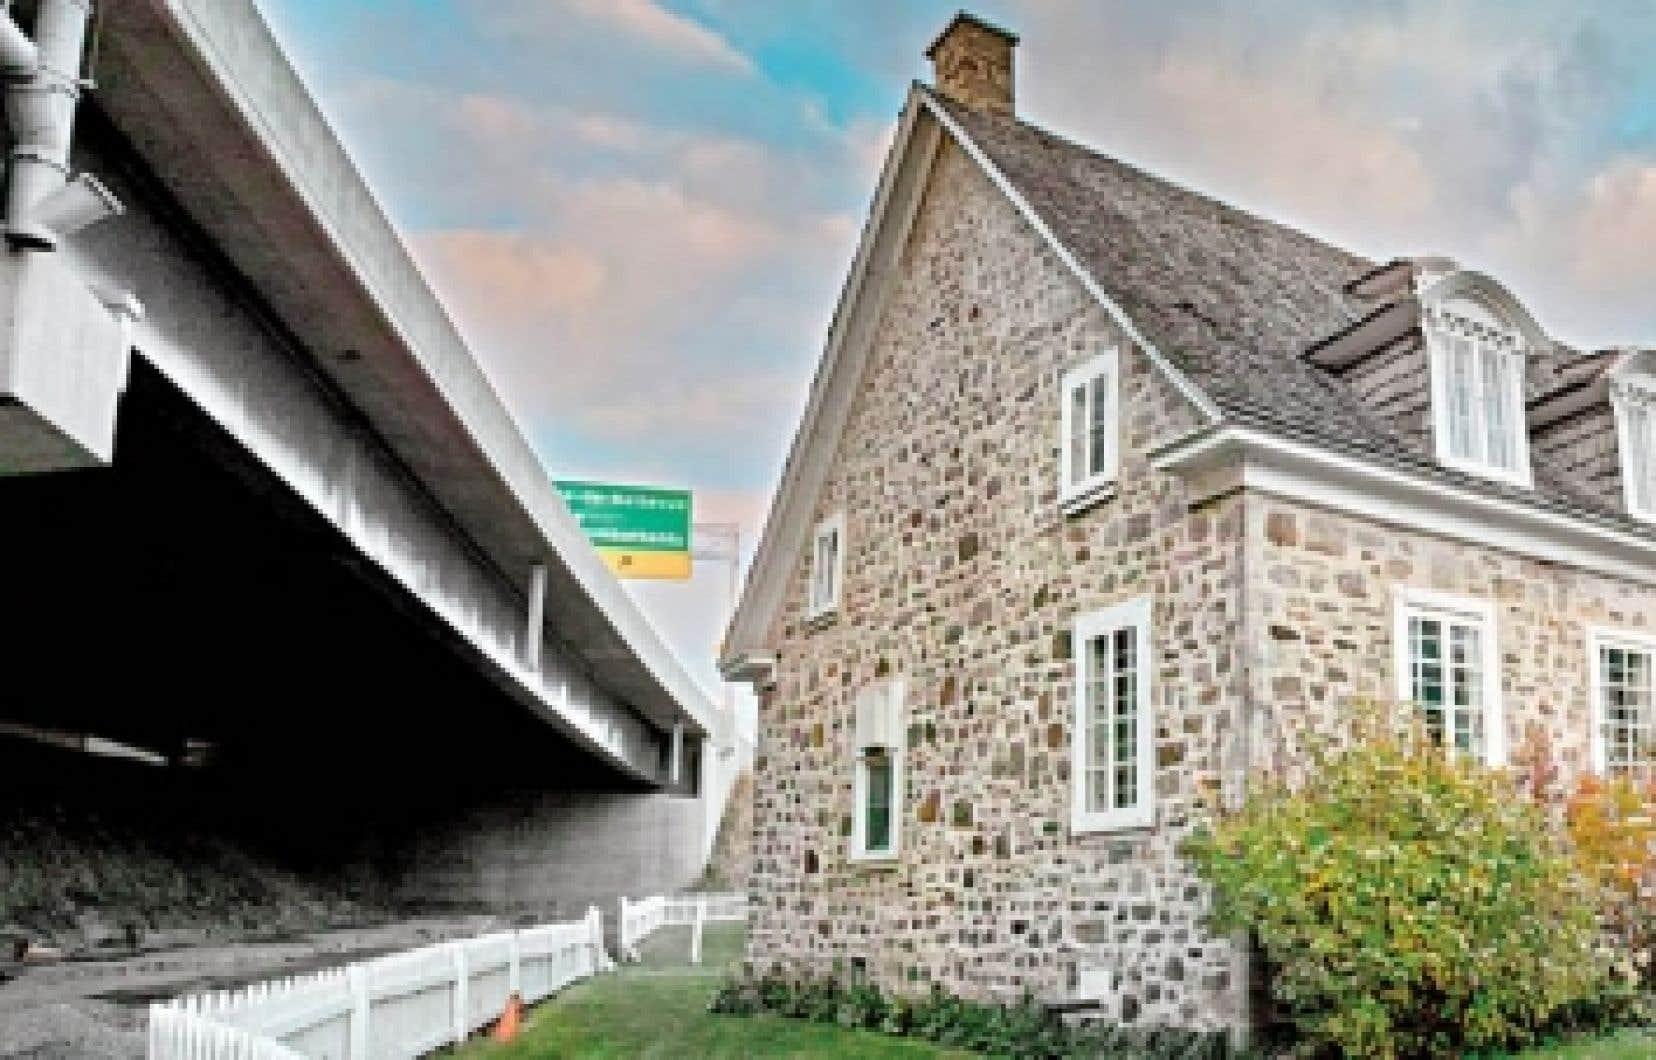 Le dévelopement urbain doit se faire en tenant compte de la beauté patrimoniale afin d'éviter certains aménagements douteux comme ici, à Sainte-Anne-de-Bellevue.<br />